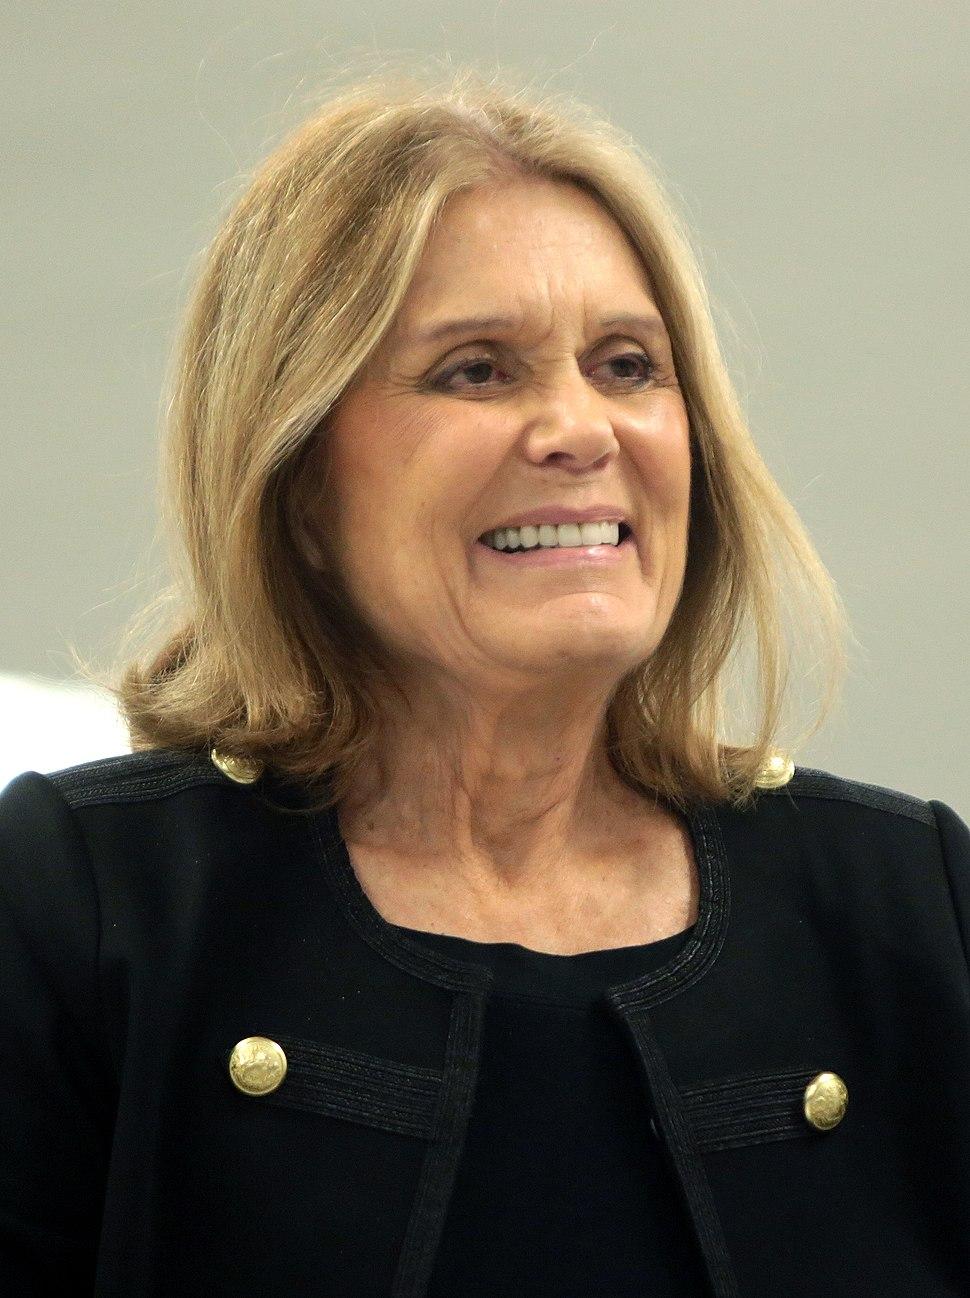 Gloria Steinem (29459760190) (cropped)